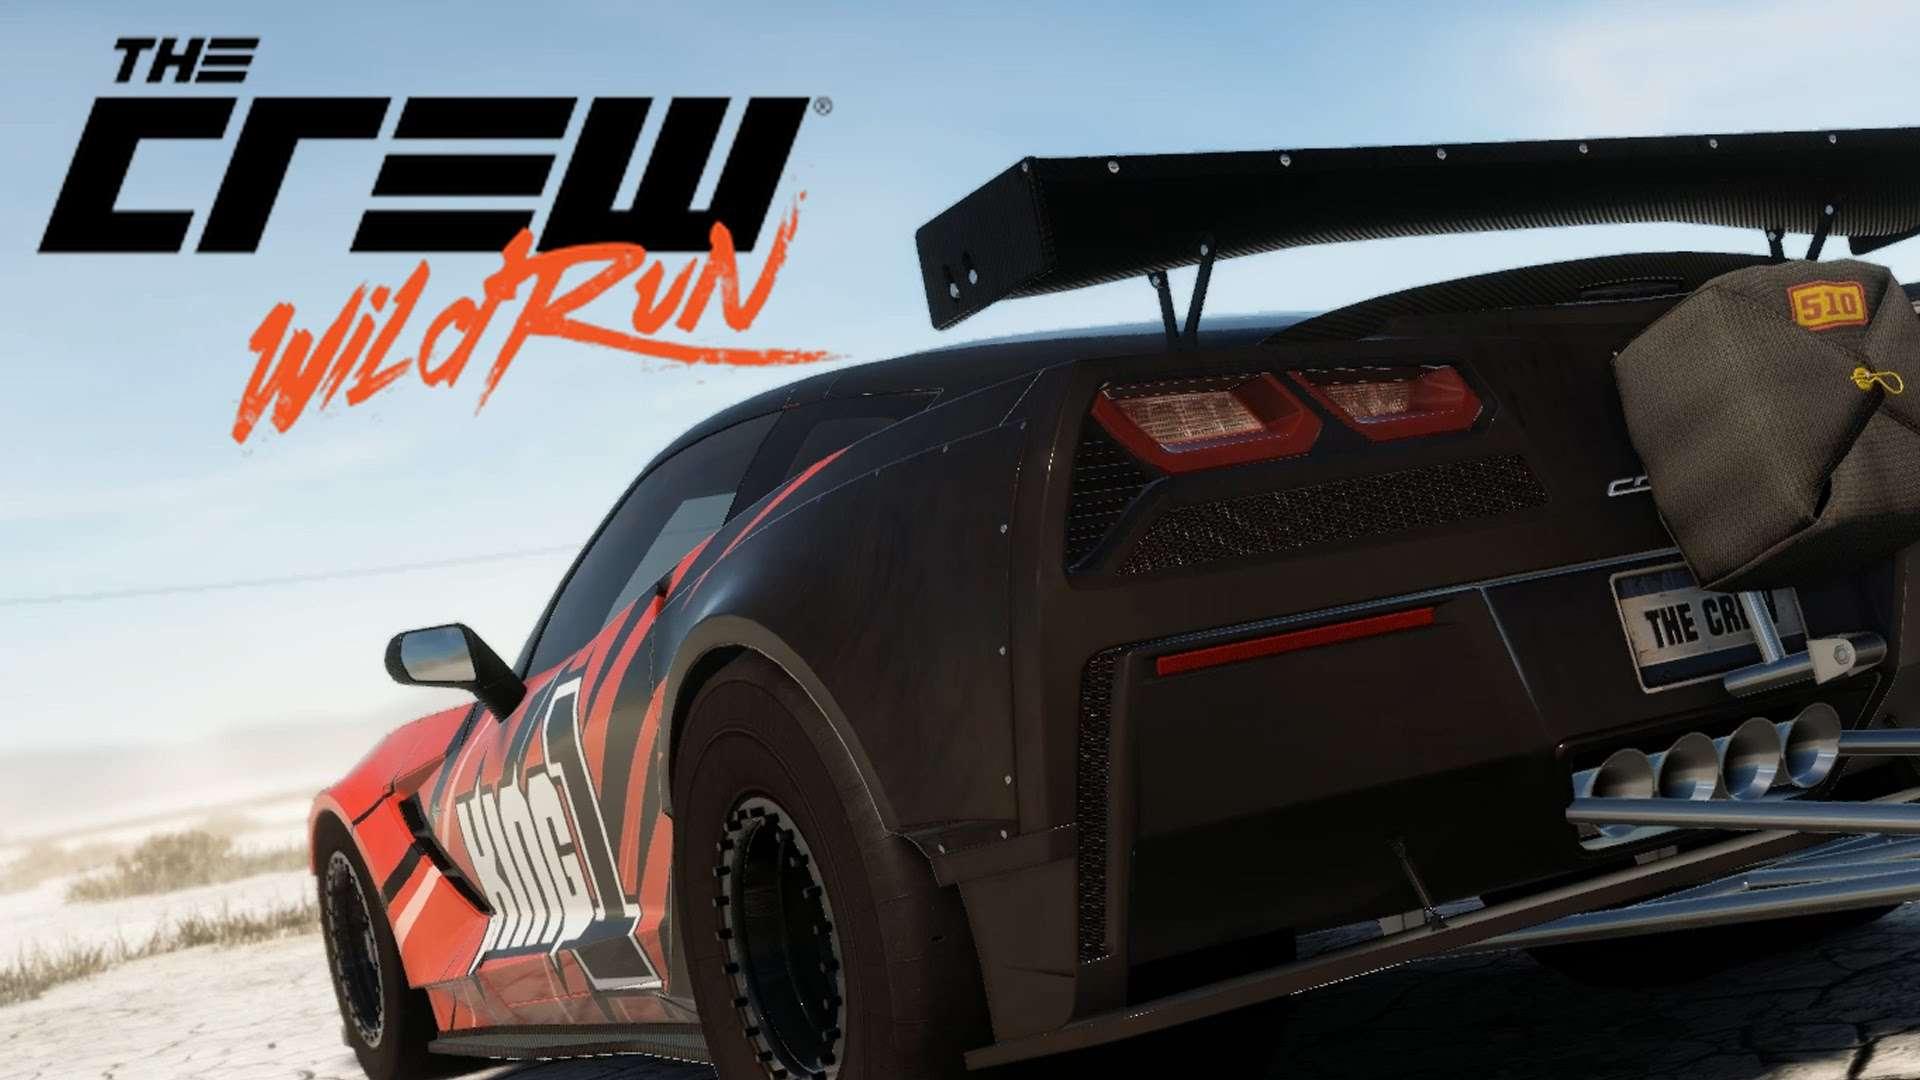 Ecco il trailer di lancio di The Crew Wild Run